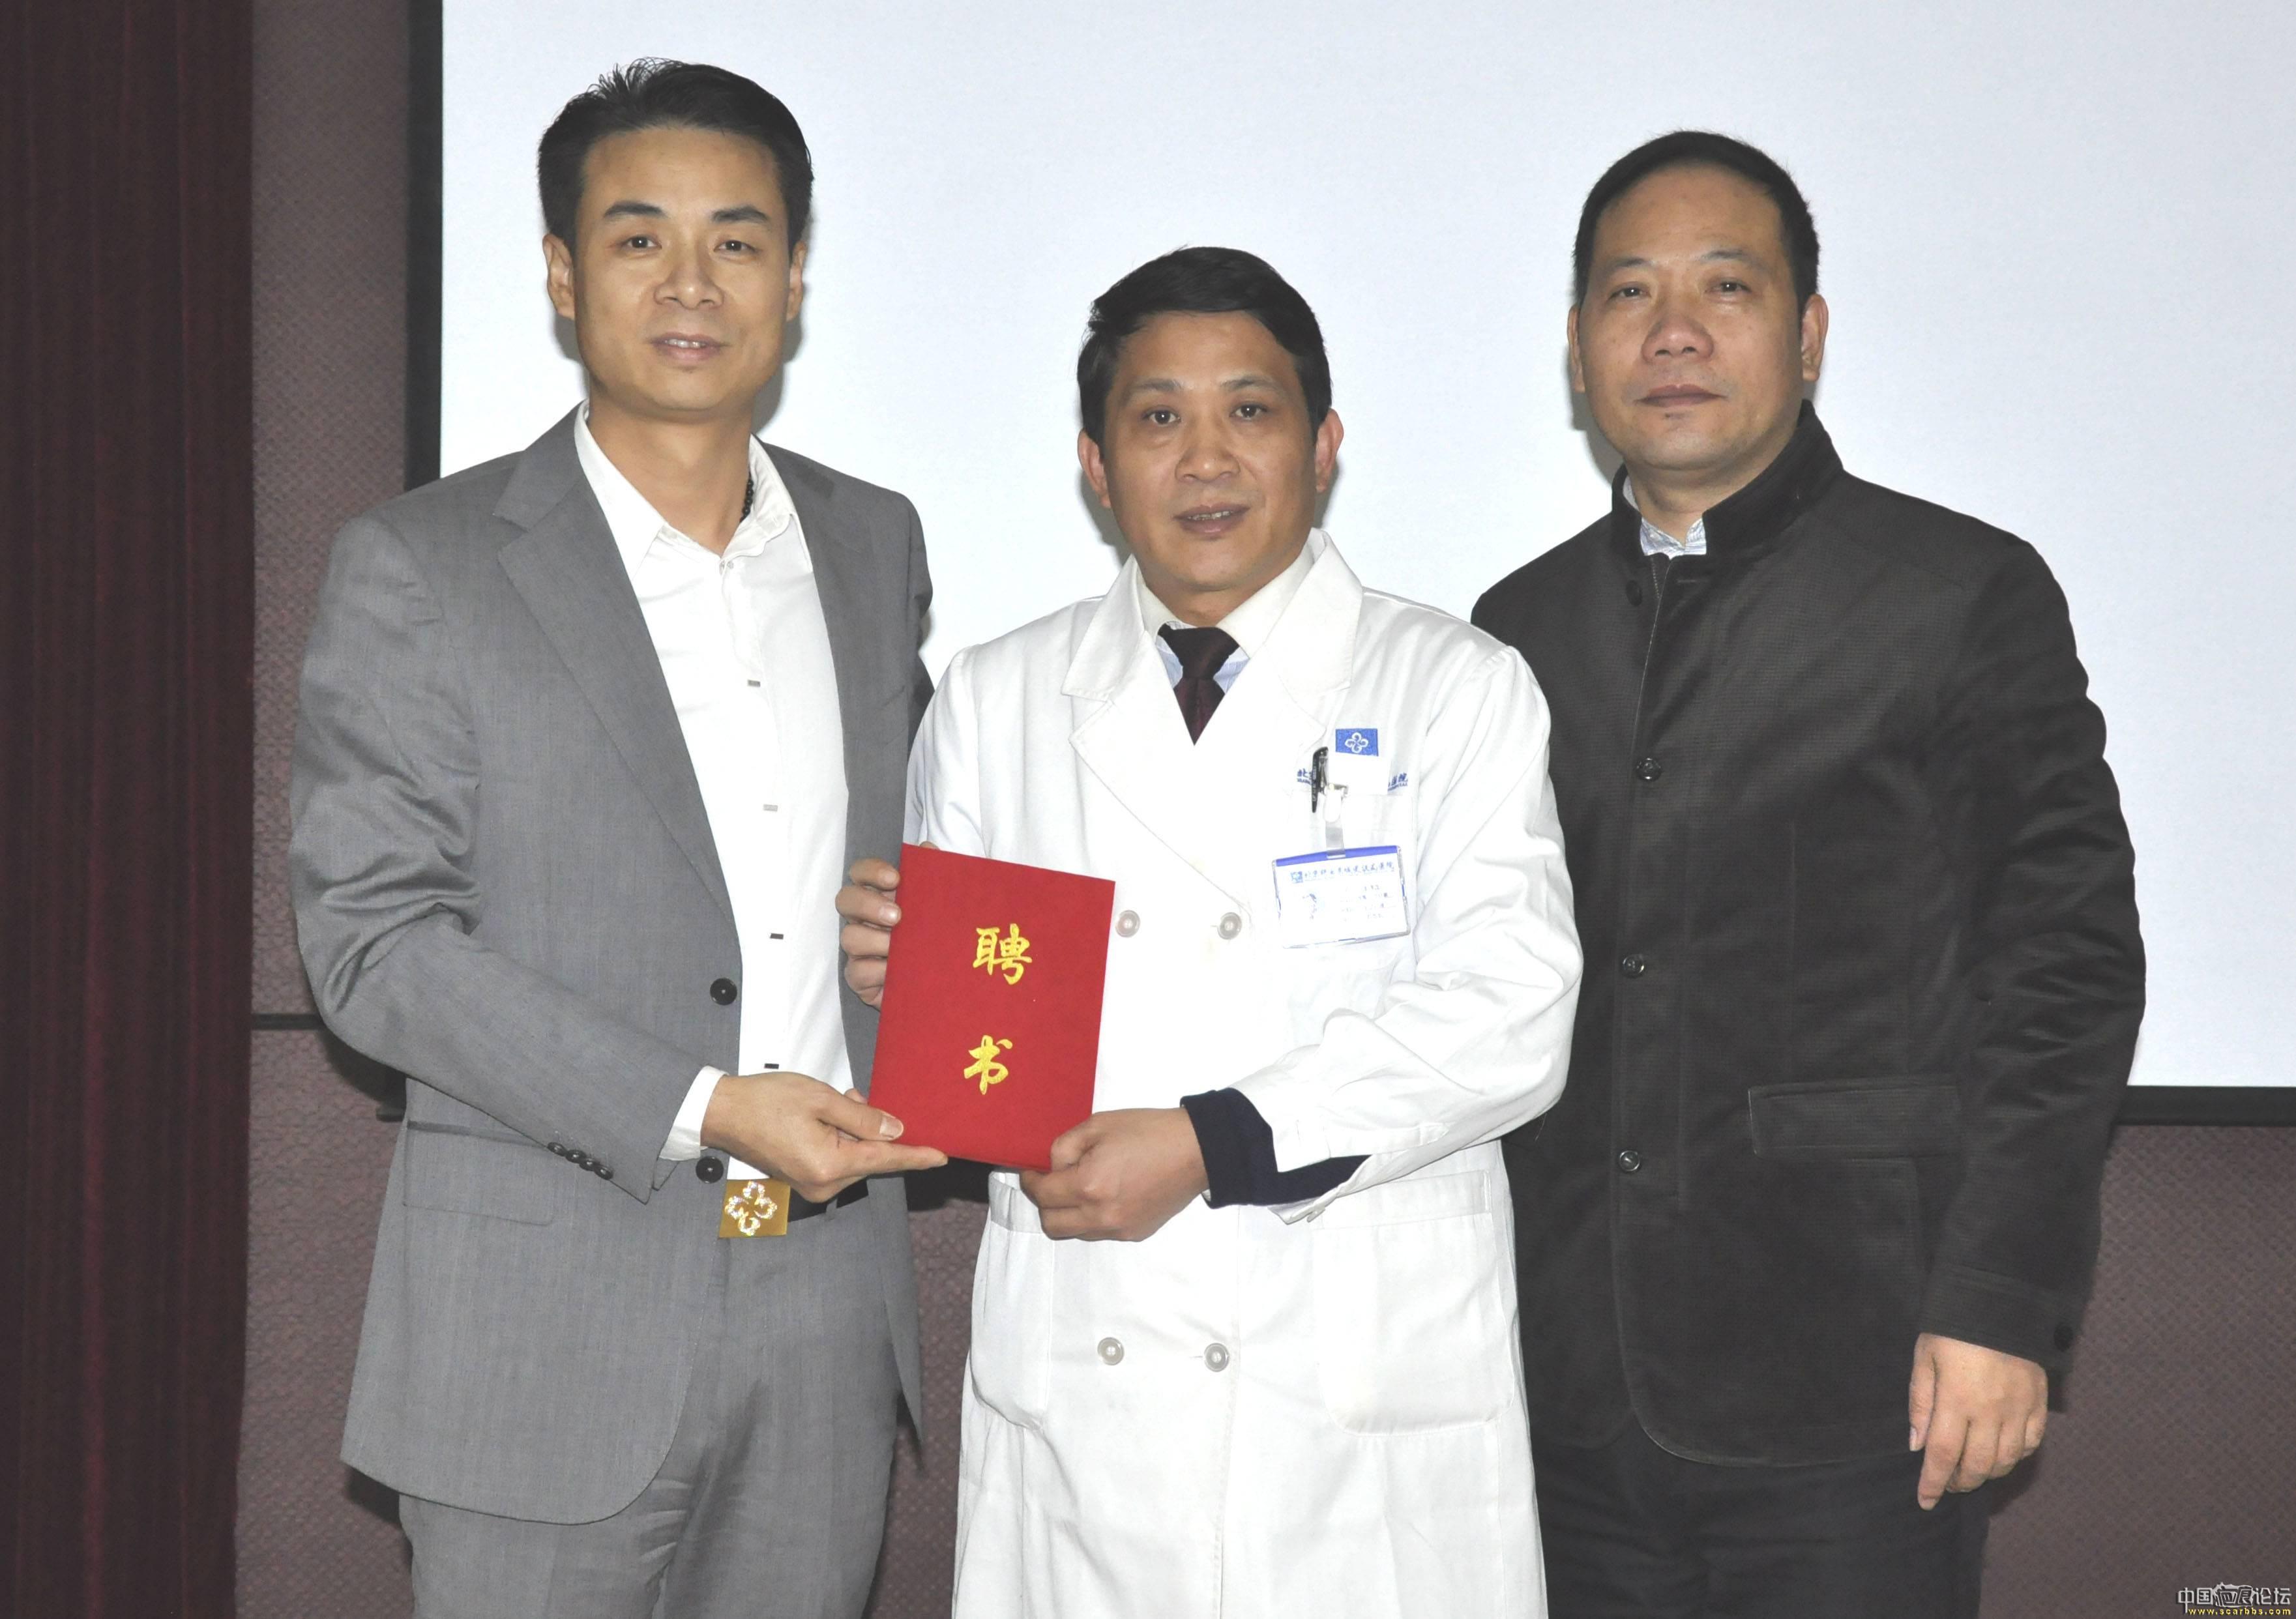 中国疤痕修复第一人蔡景龙正式加入祥云任院长